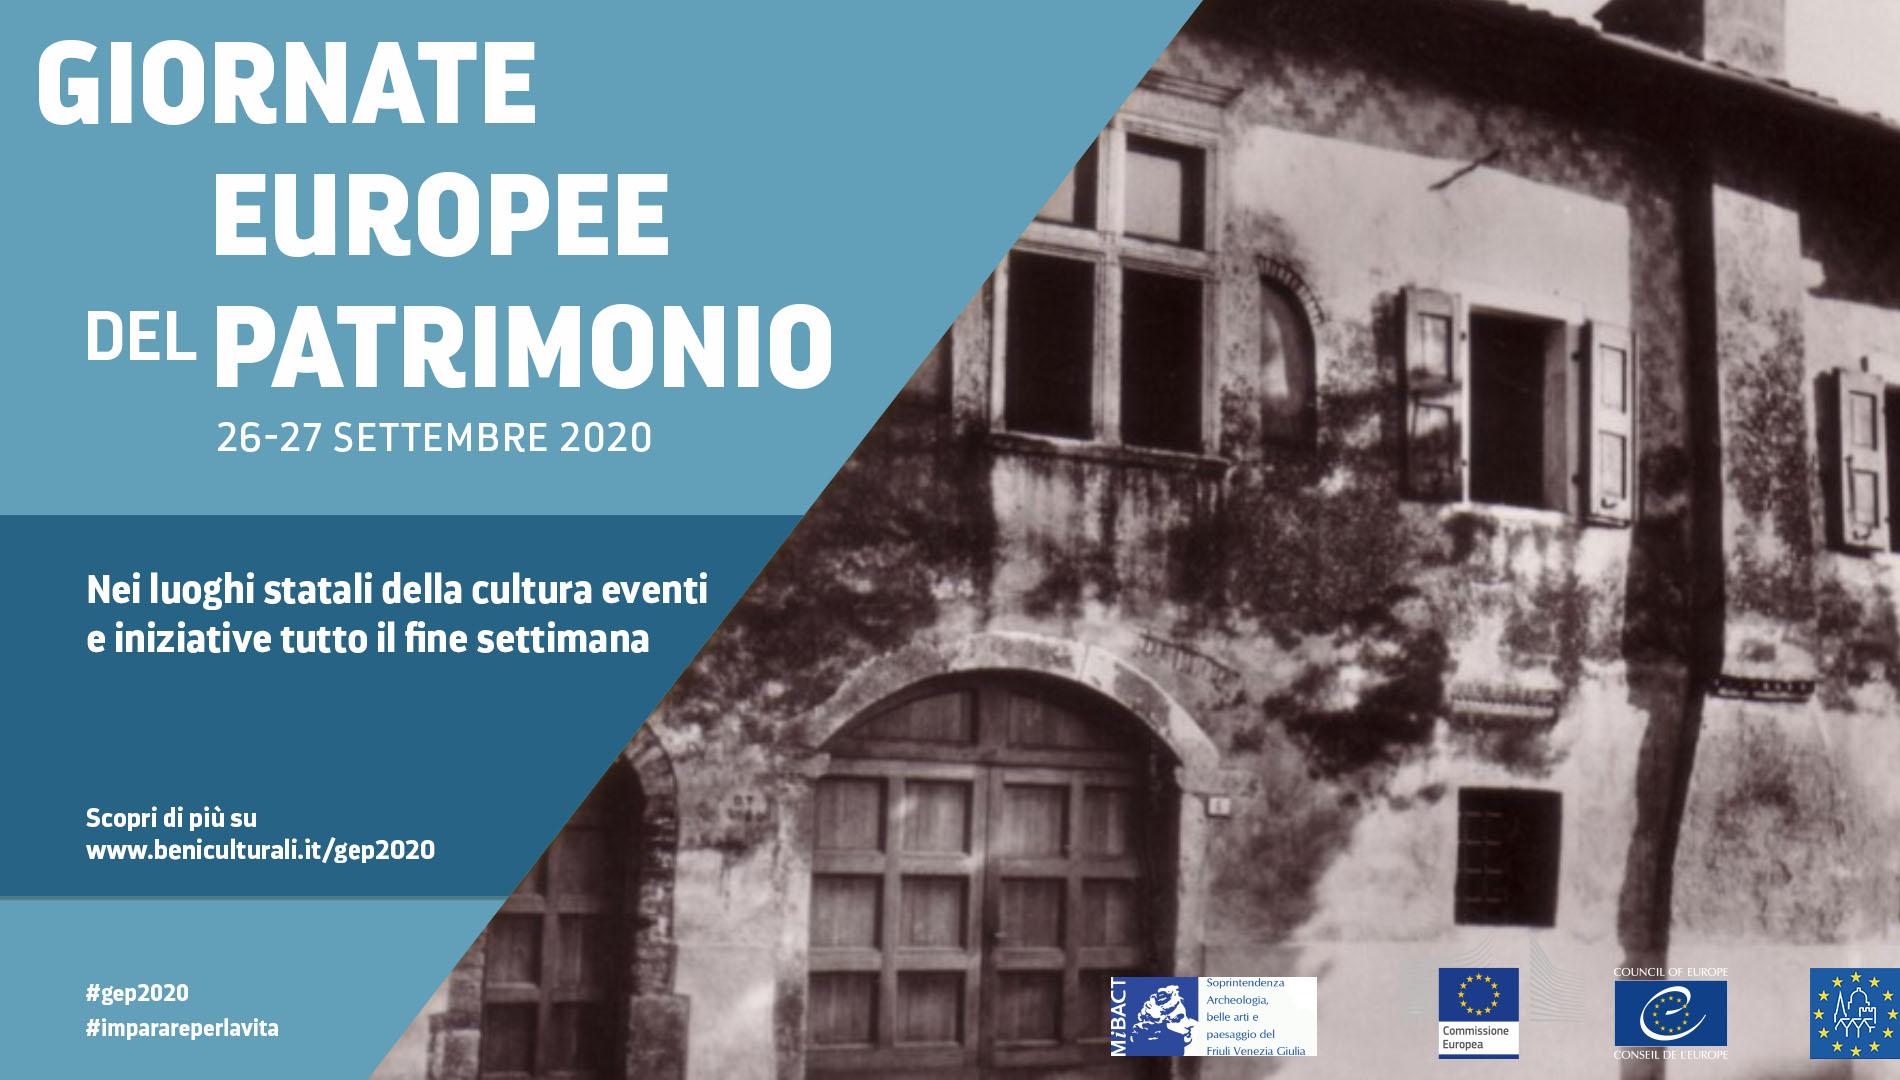 Aquileia, Casa Bertoli - Fra tutela e ricerca: nuove scoperte ad Aquileia